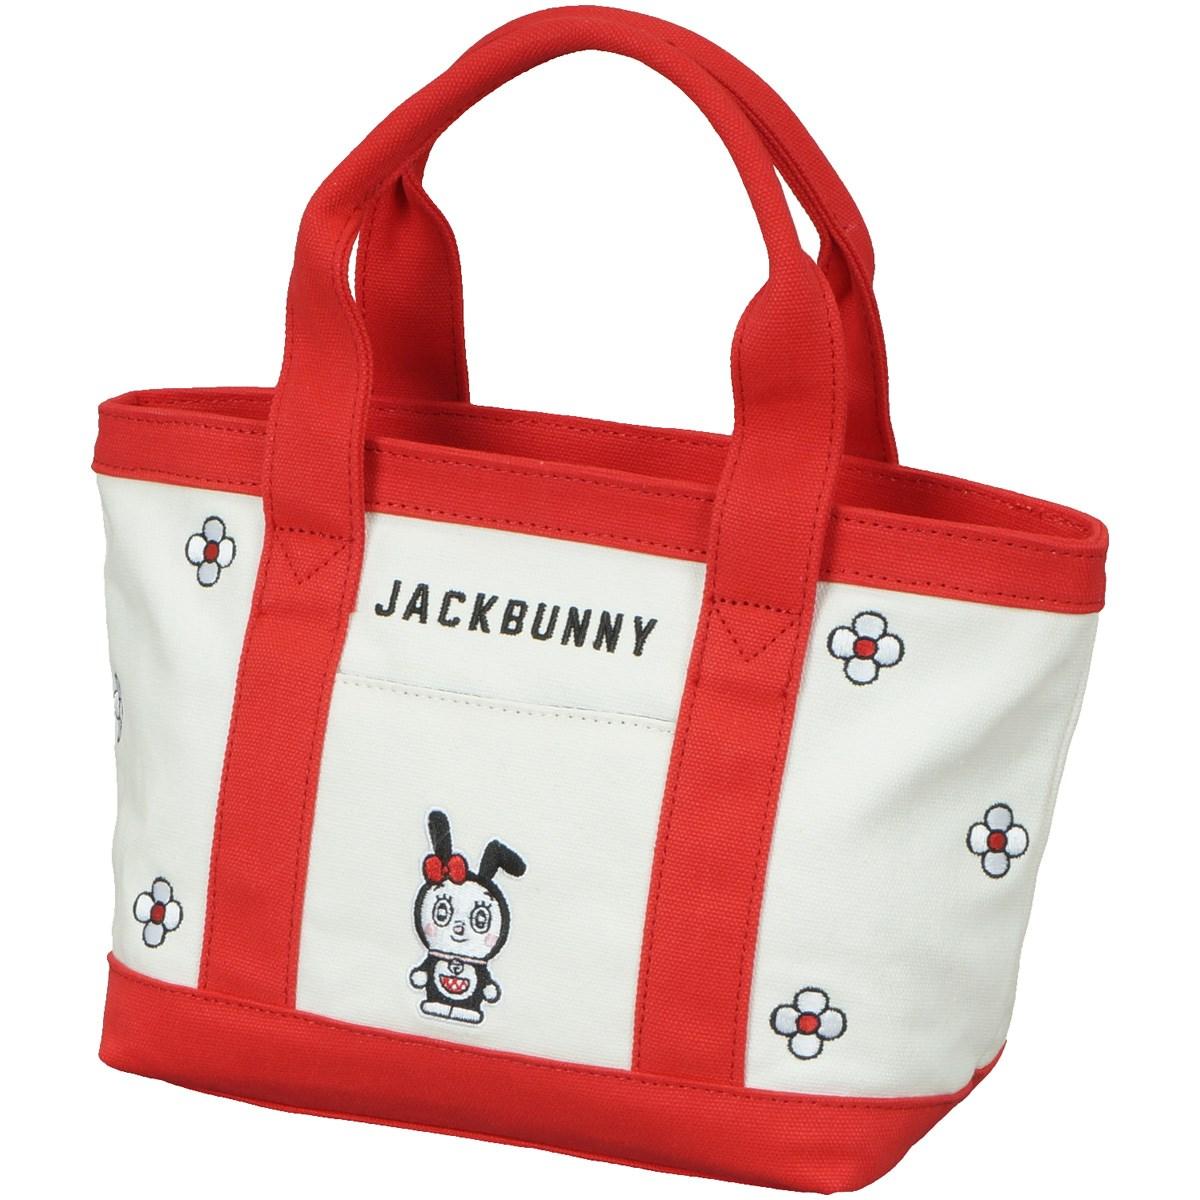 ジャックバニー バイ パーリーゲイツ ドラえもん総柄刺繍 花 カートバッグ